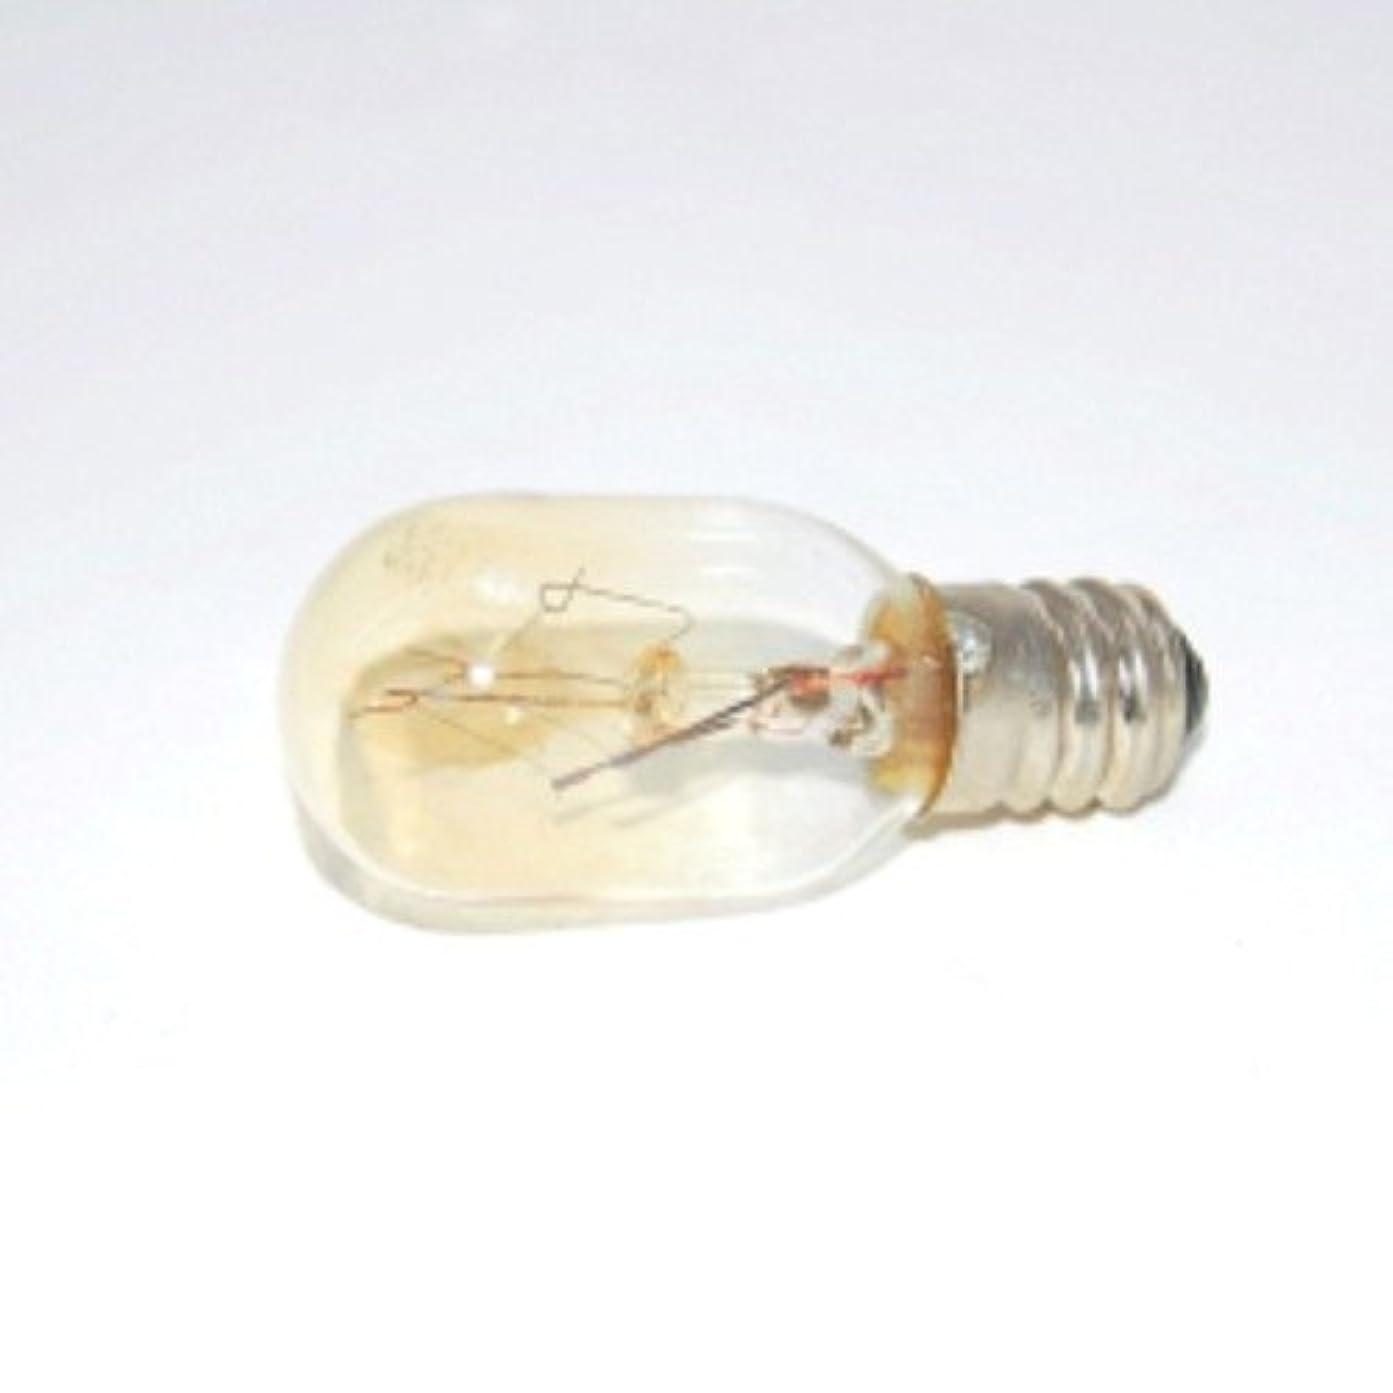 適応電気の罪悪感アロマライト 替用 15W電球 クリア 1個